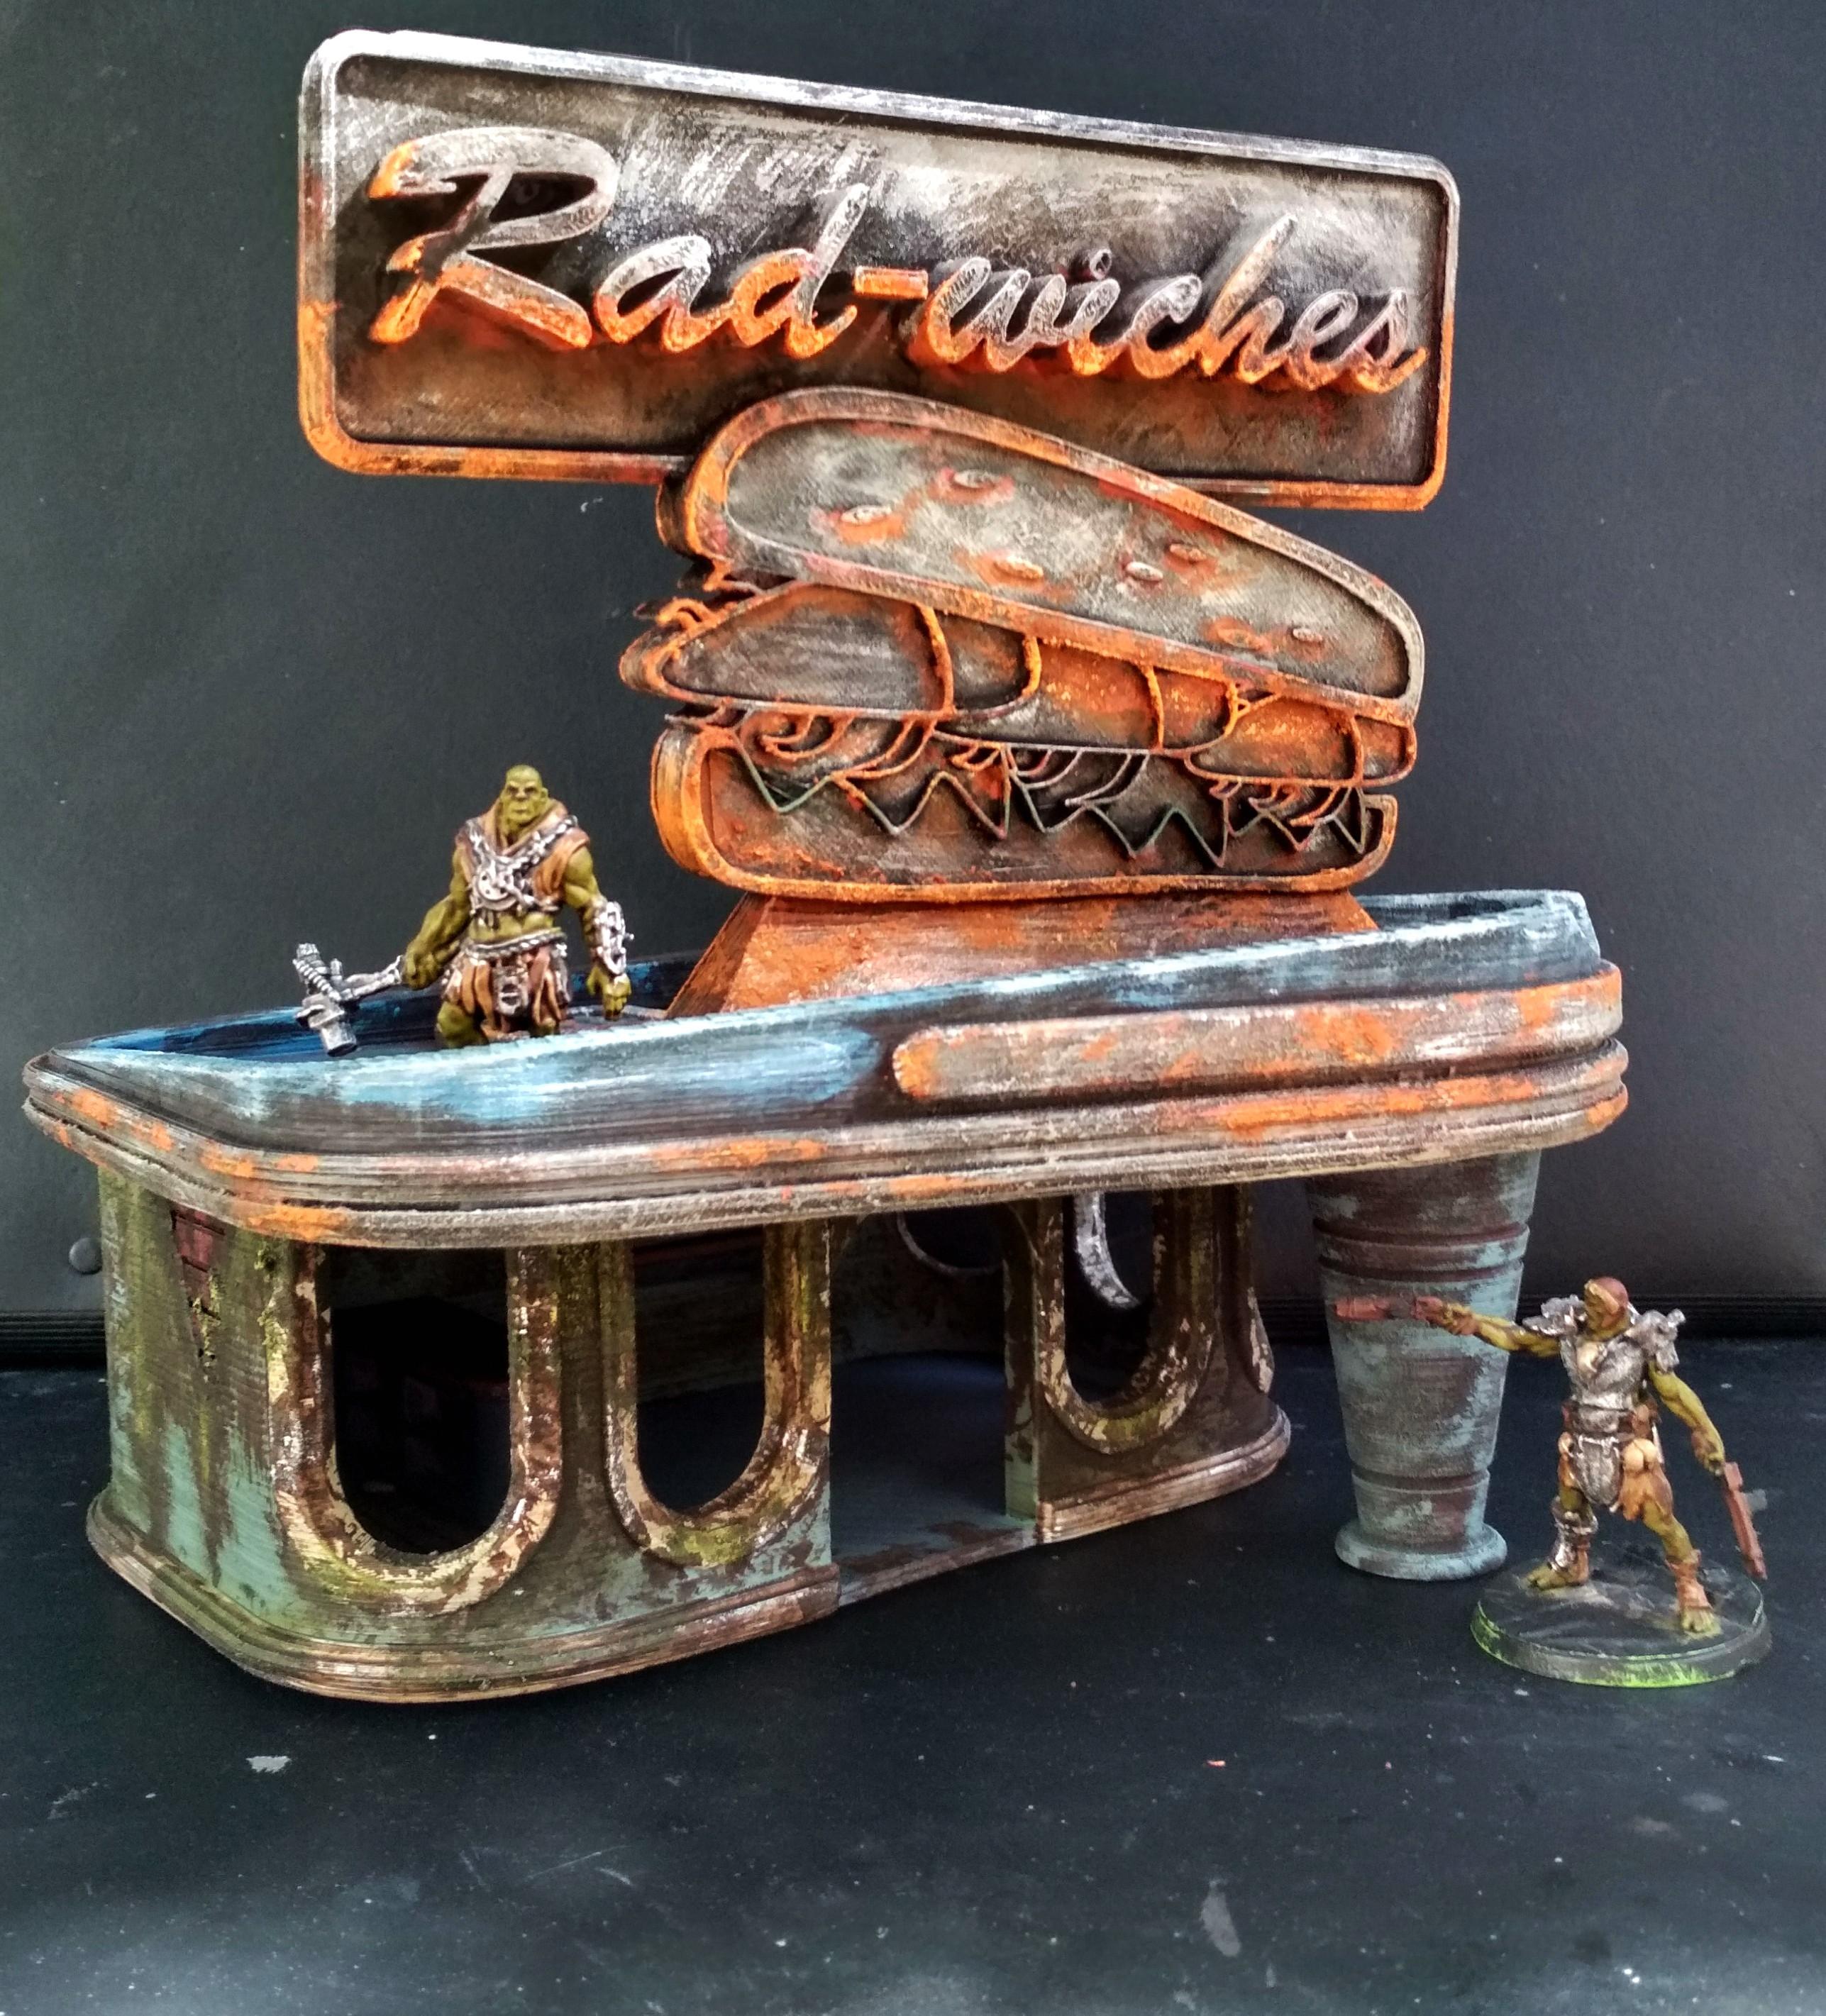 Radwich Shop/Diner